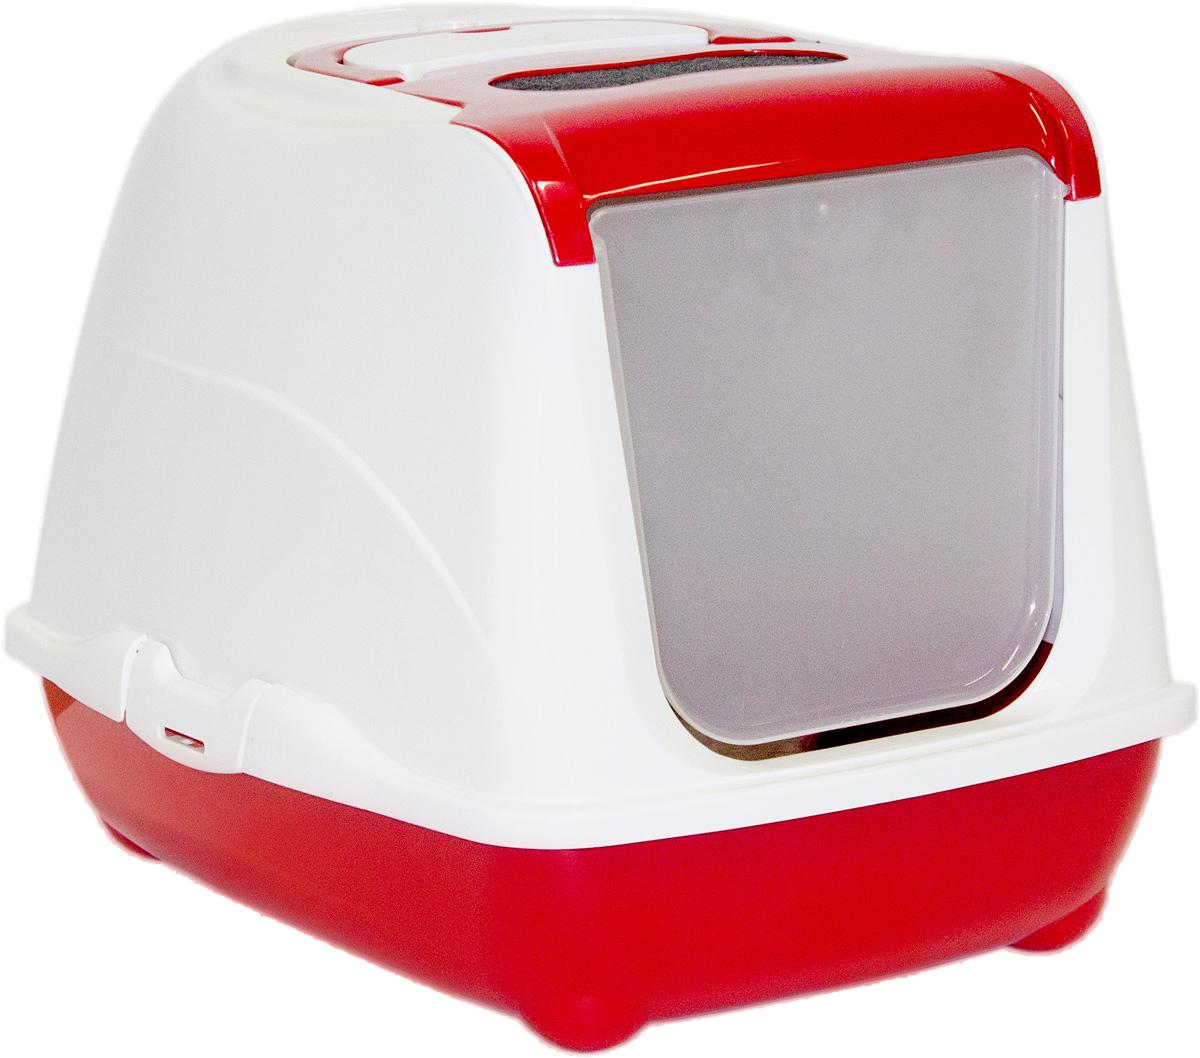 Туалет для кошек Moderna Flip Cat, закрытый, цвет: бордовый, 39 х 50,4 х 37,4 см0120710Закрытый туалет для кошек Flip Cat выполнен из высококачественного пластика. Туалет оснащен прозрачной открывающейся дверцей, сменным фильтром и удобной ручкой для переноски. Такой туалет избавит ваш дом от неприятного запаха и разбросанных повсюду частичек наполнителя. Кошка в таком туалете будет чувствовать себя увереннее, ведь в этом укромном уголке ее никто не увидит. Кроме того, яркий дизайн с легкостью впишется в интерьер вашего дома. Туалет легко открывается для чистки благодаря практичным защелкам по бокам.